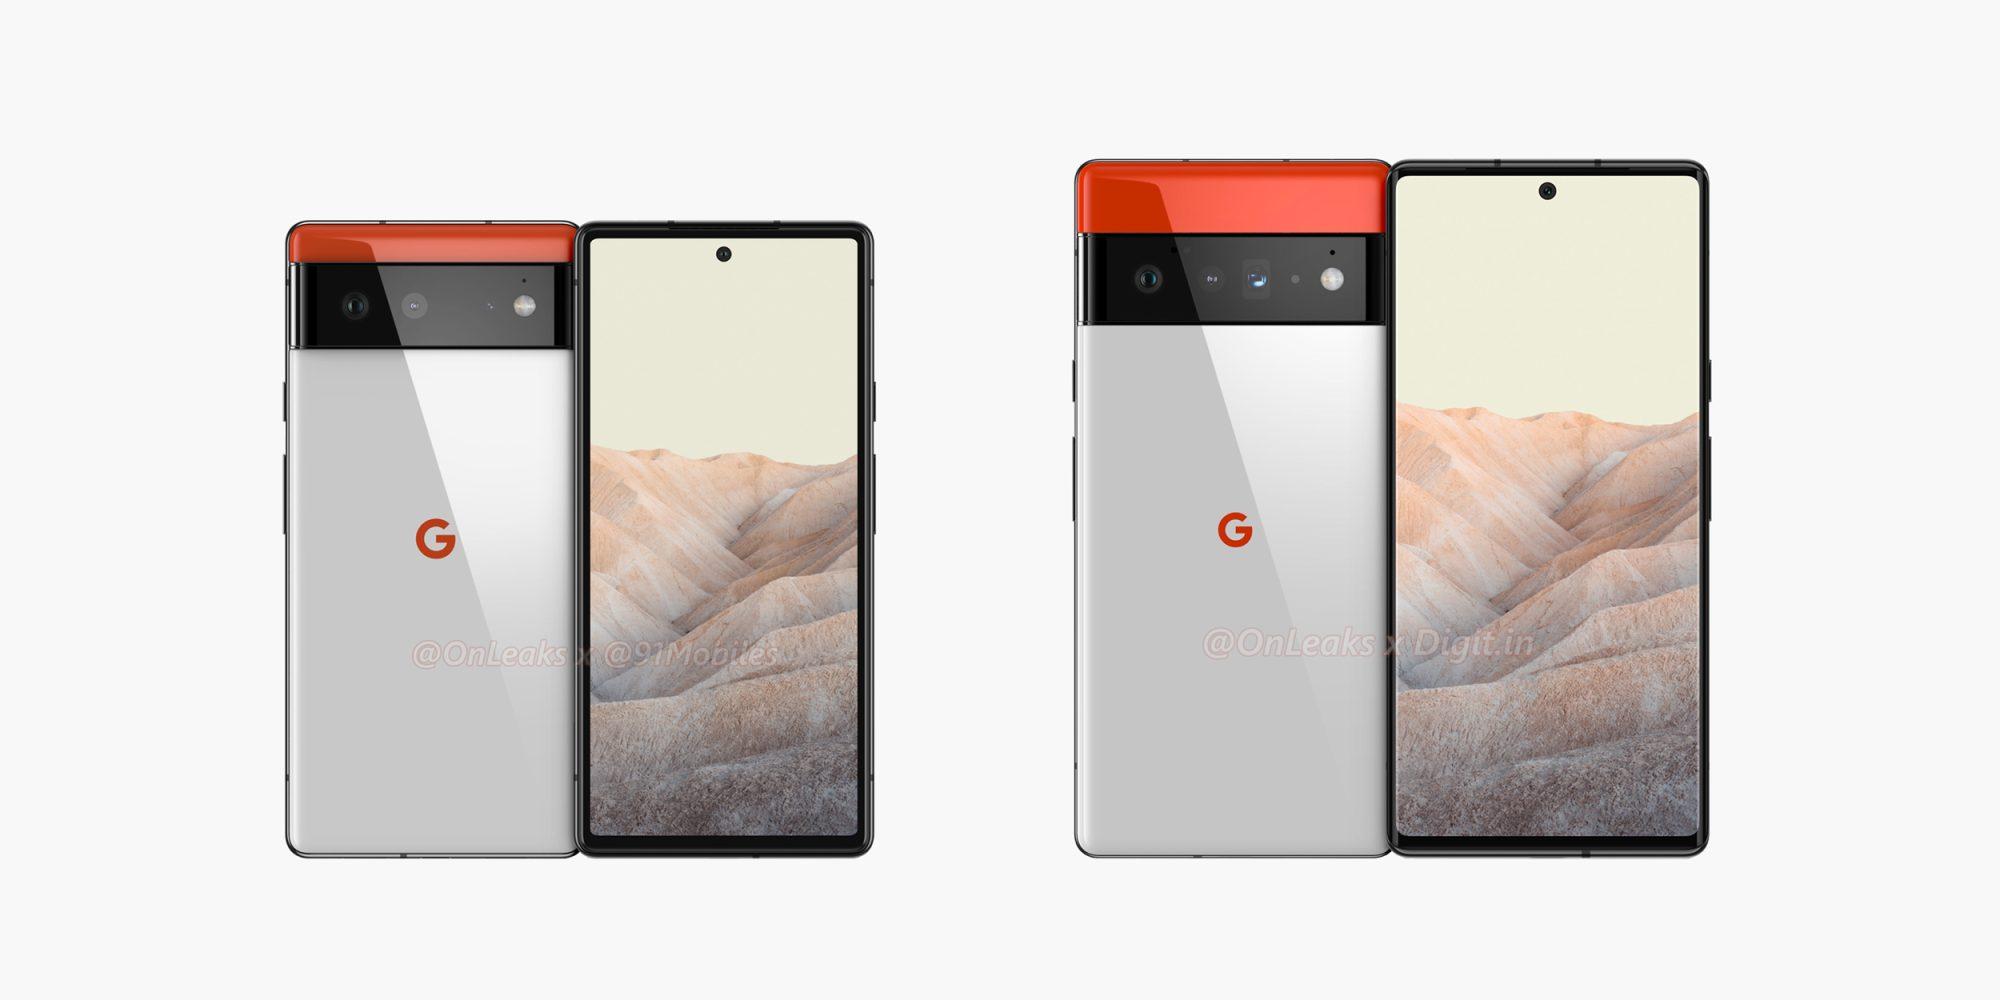 Pixel 6 range